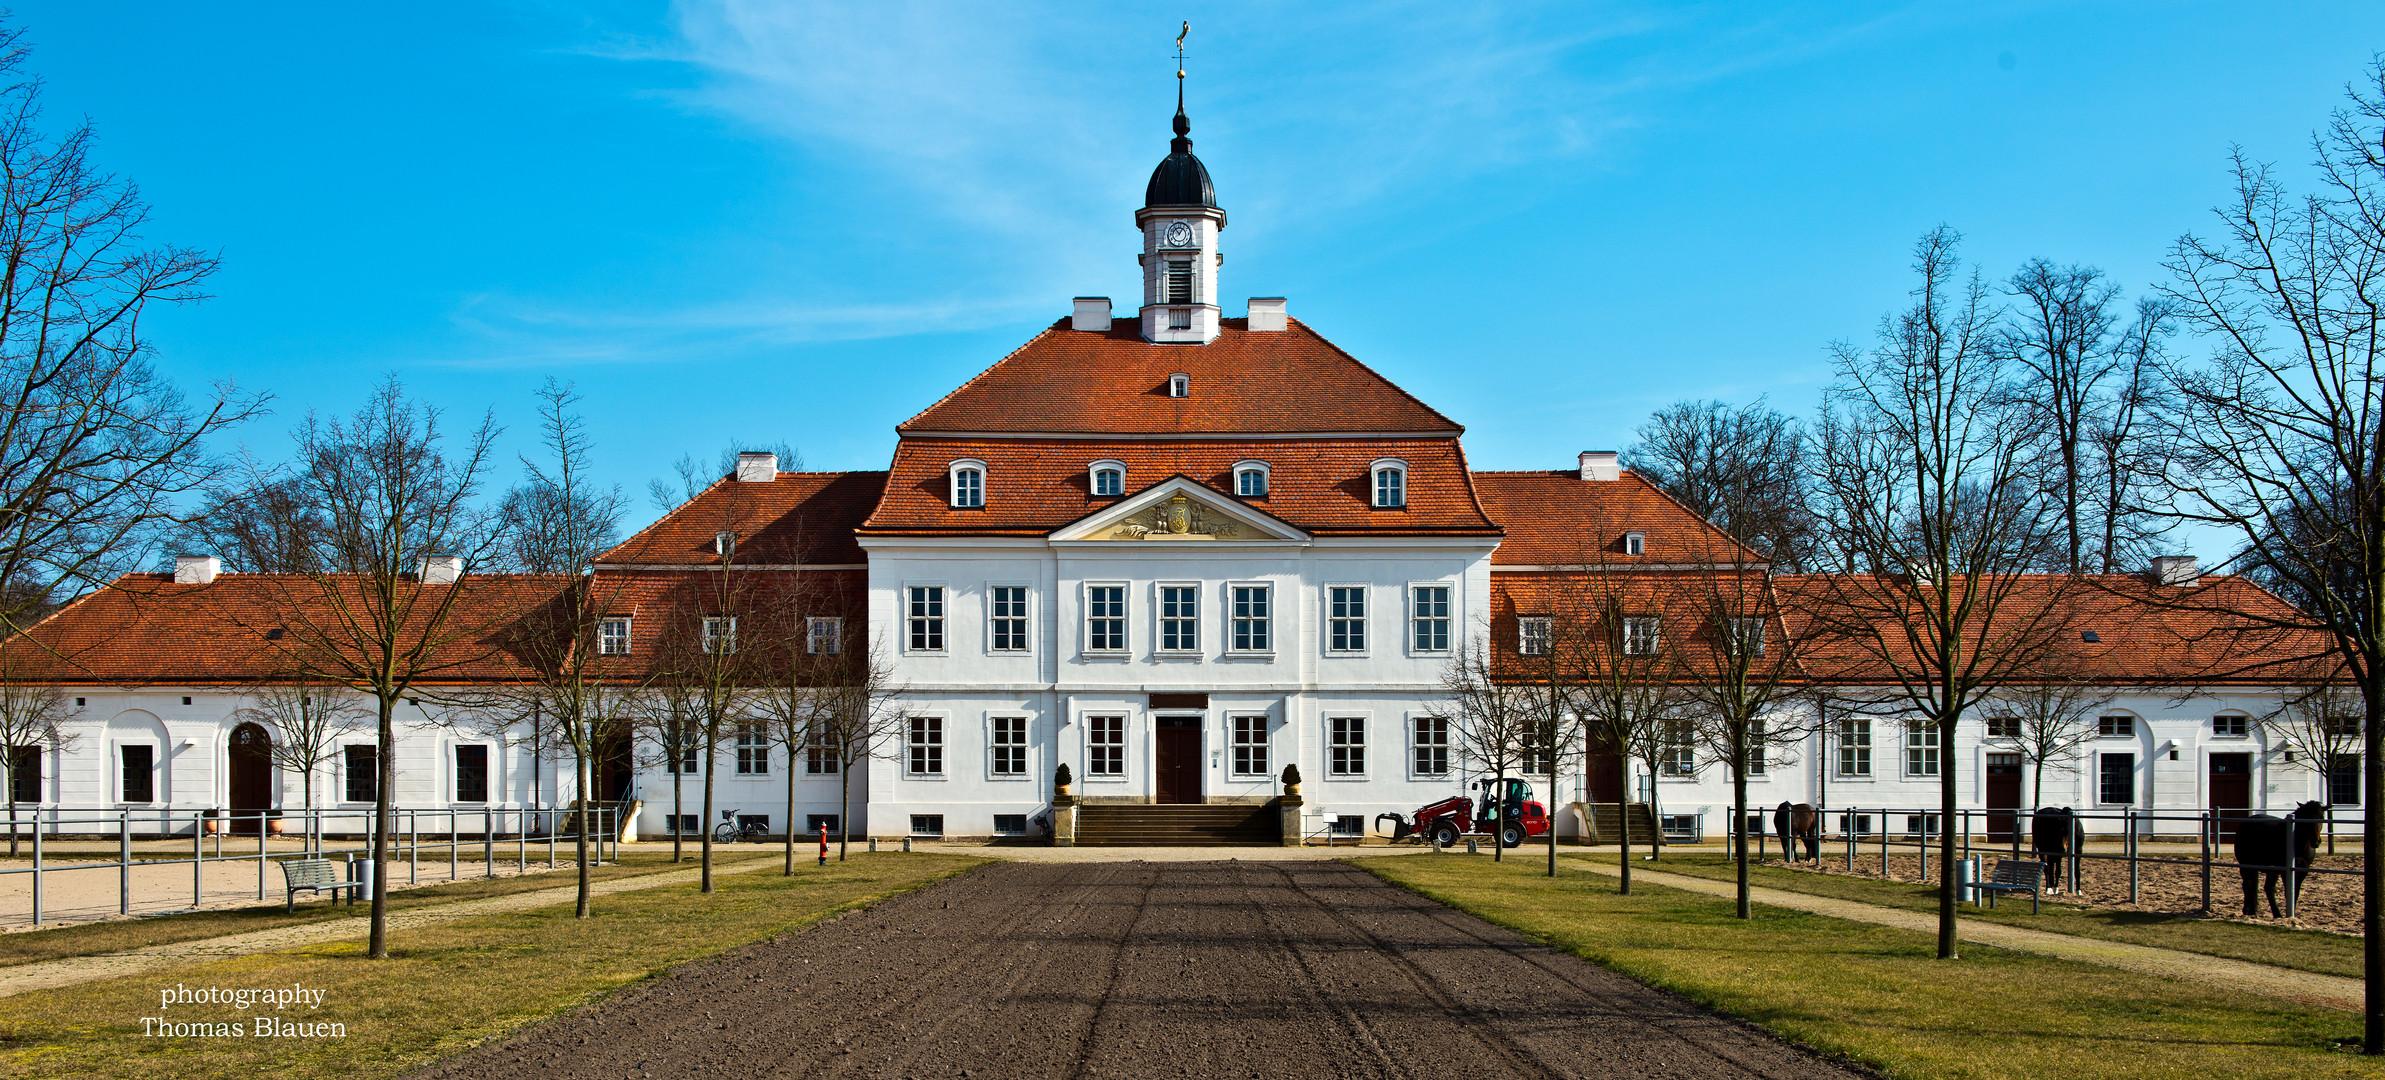 Brandenburgisches Haupt- und Landesgestüt Neustadt (Dosse) 2